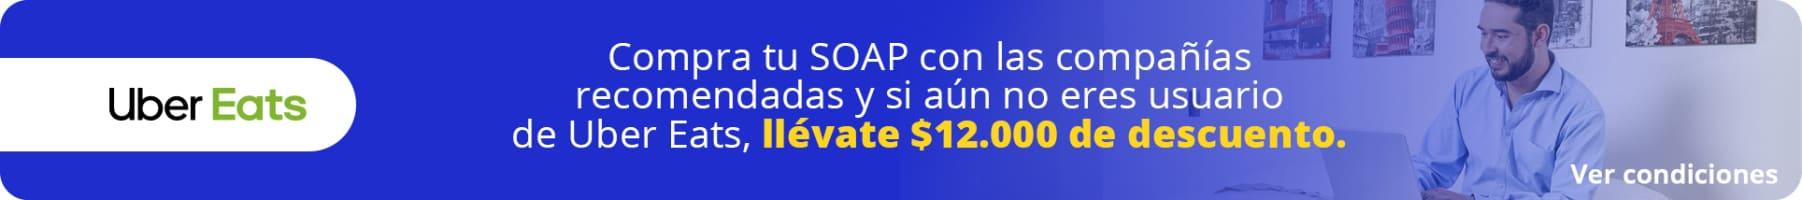 SOAP 2020 Promoción